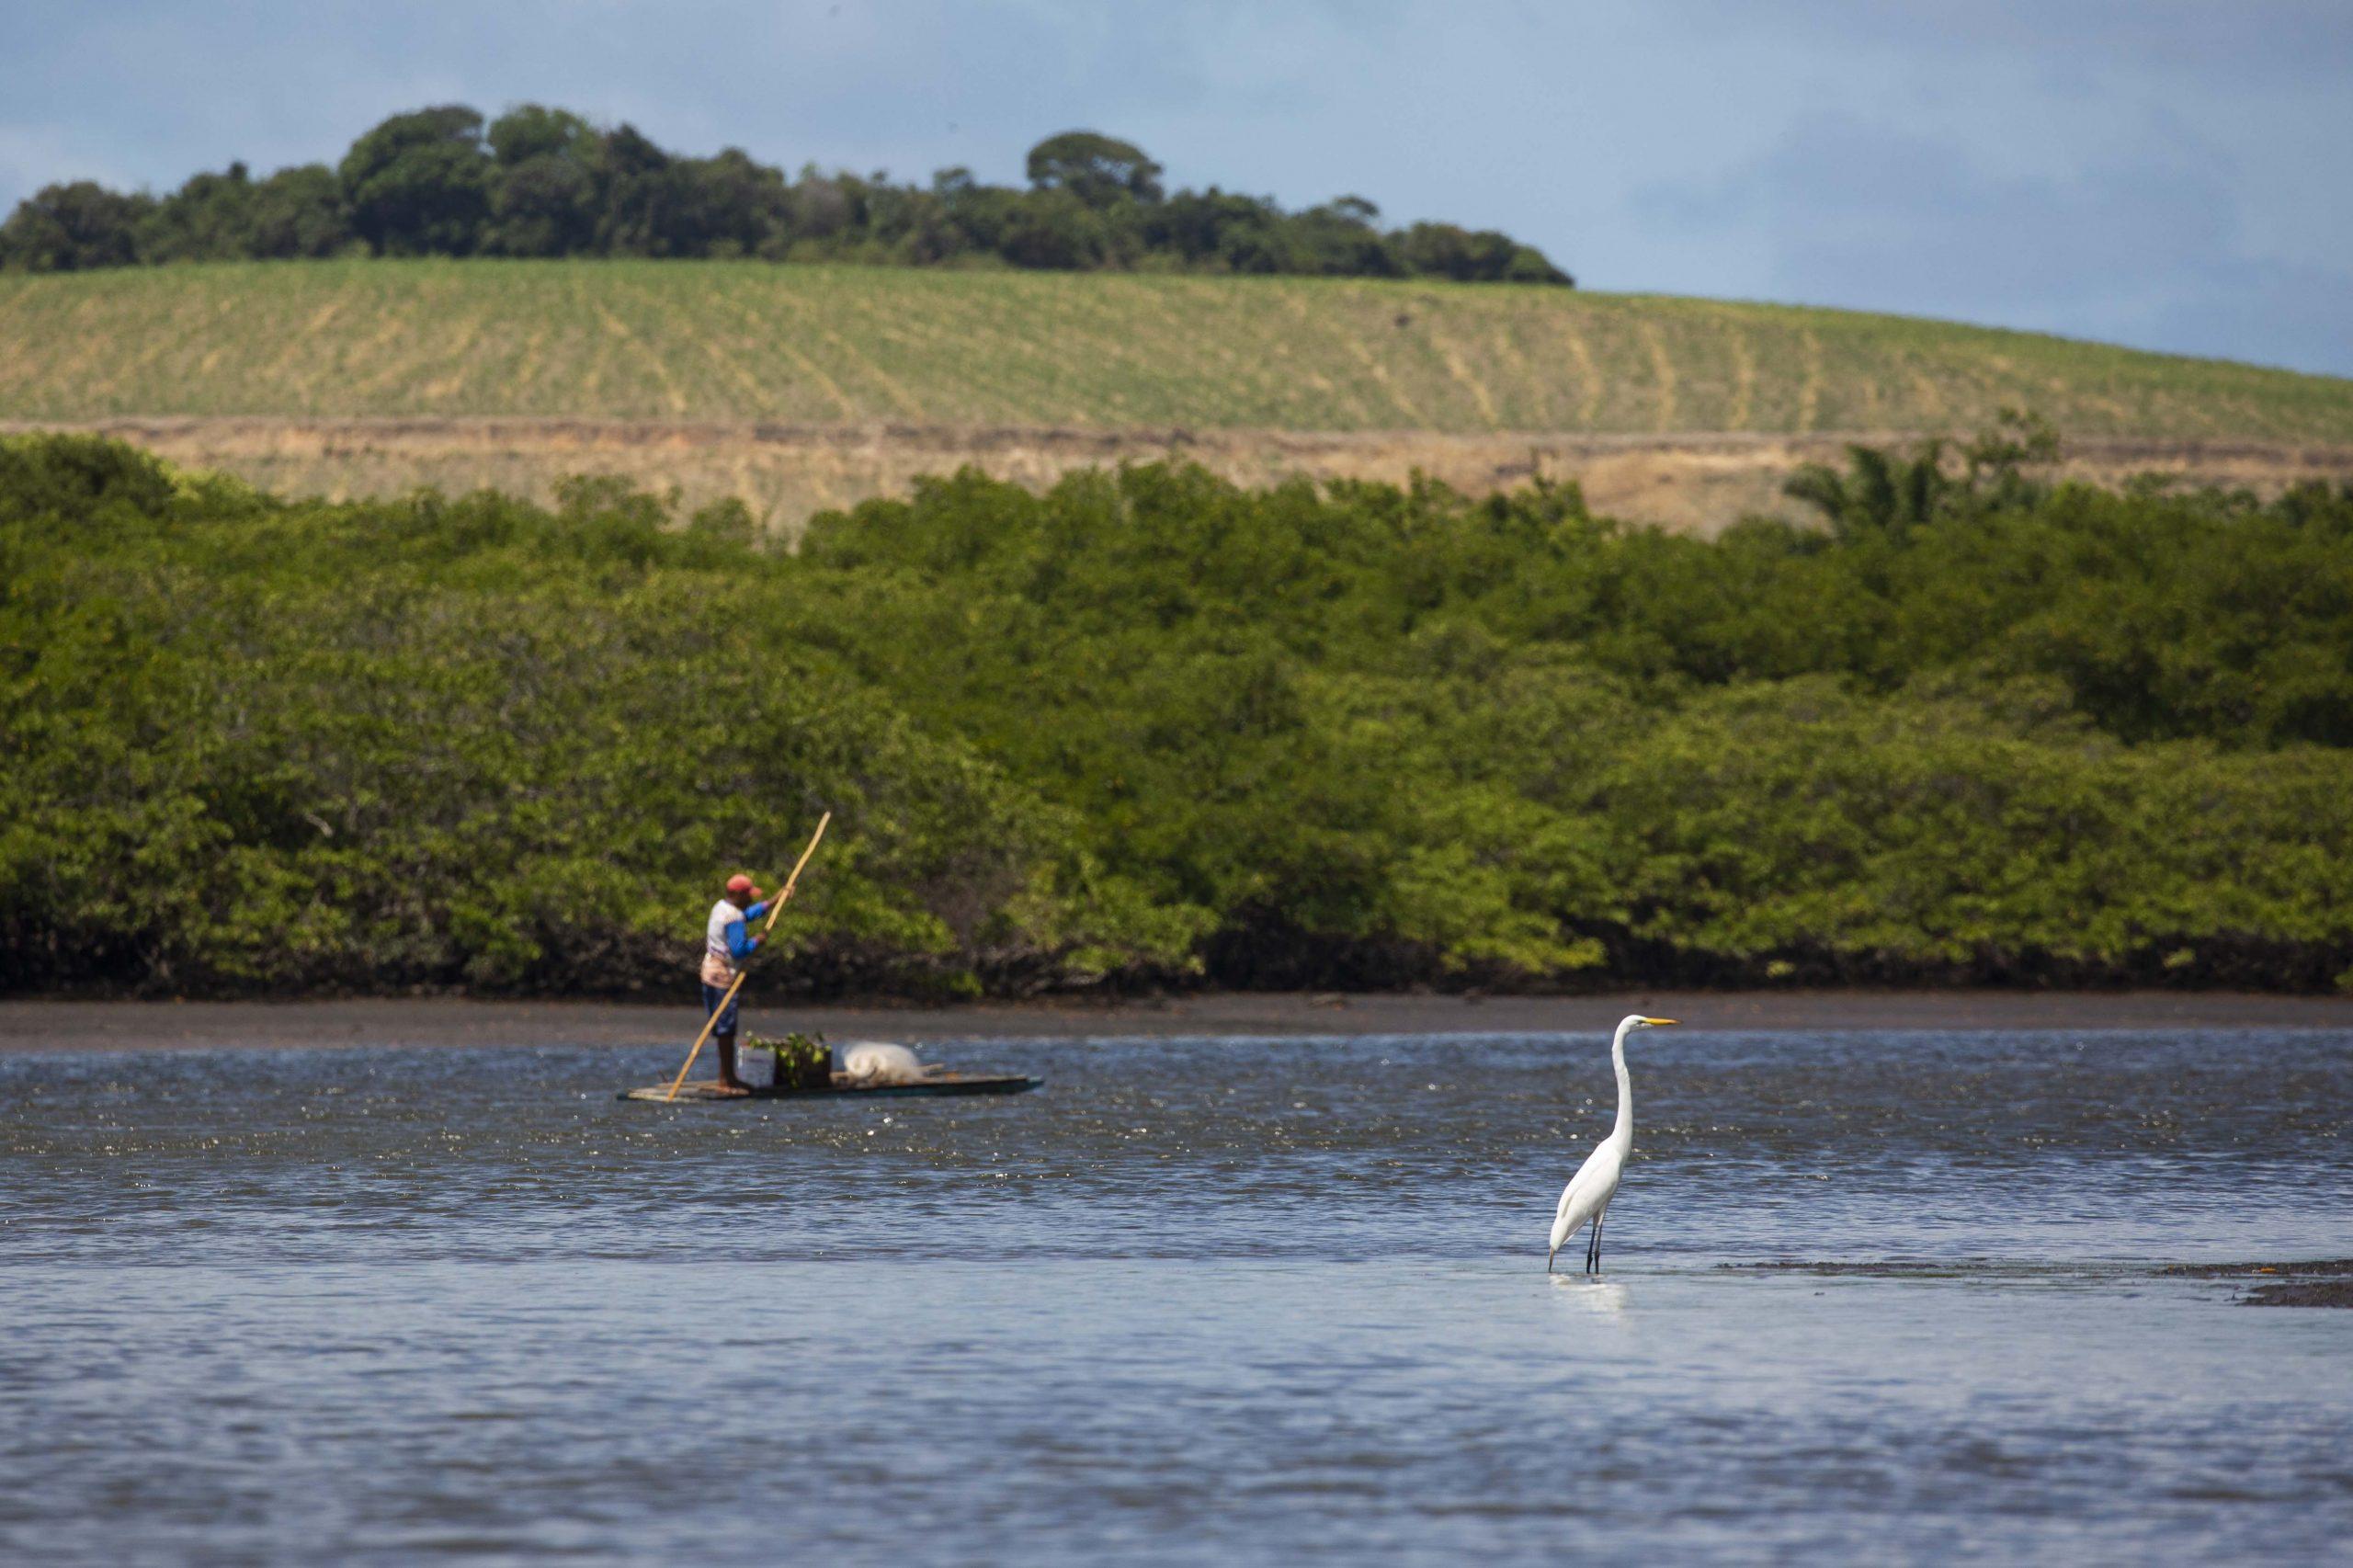 Imagens dos trabalhos de monitoramento de Beatrice Padovani e sua equipe mangue na região do Rio Formoso em Tamandaré, PE